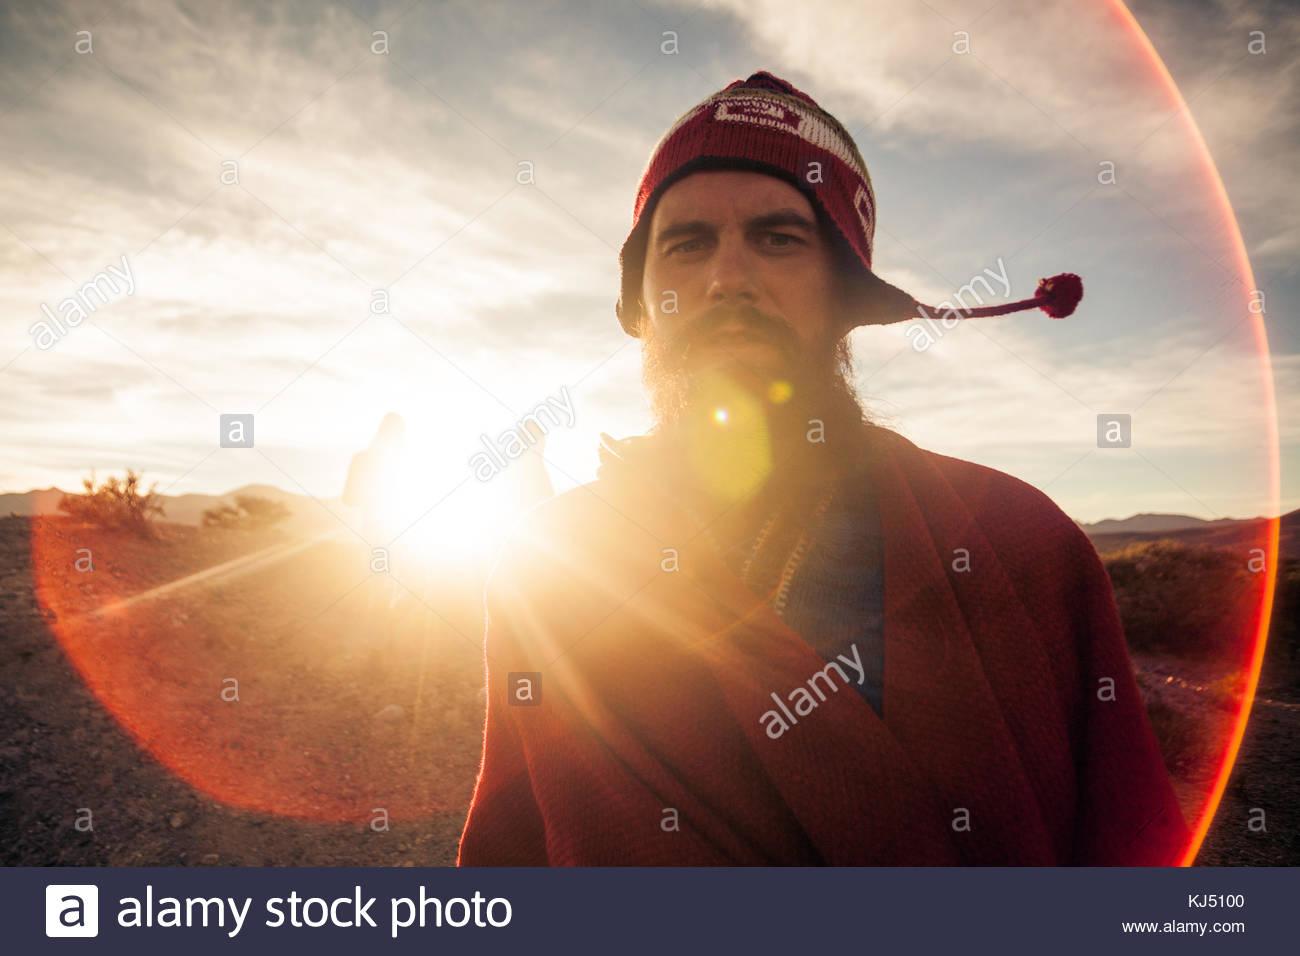 Viaggiatore con calotta di lana con alette orecchio in luce del sole di close-up Immagini Stock